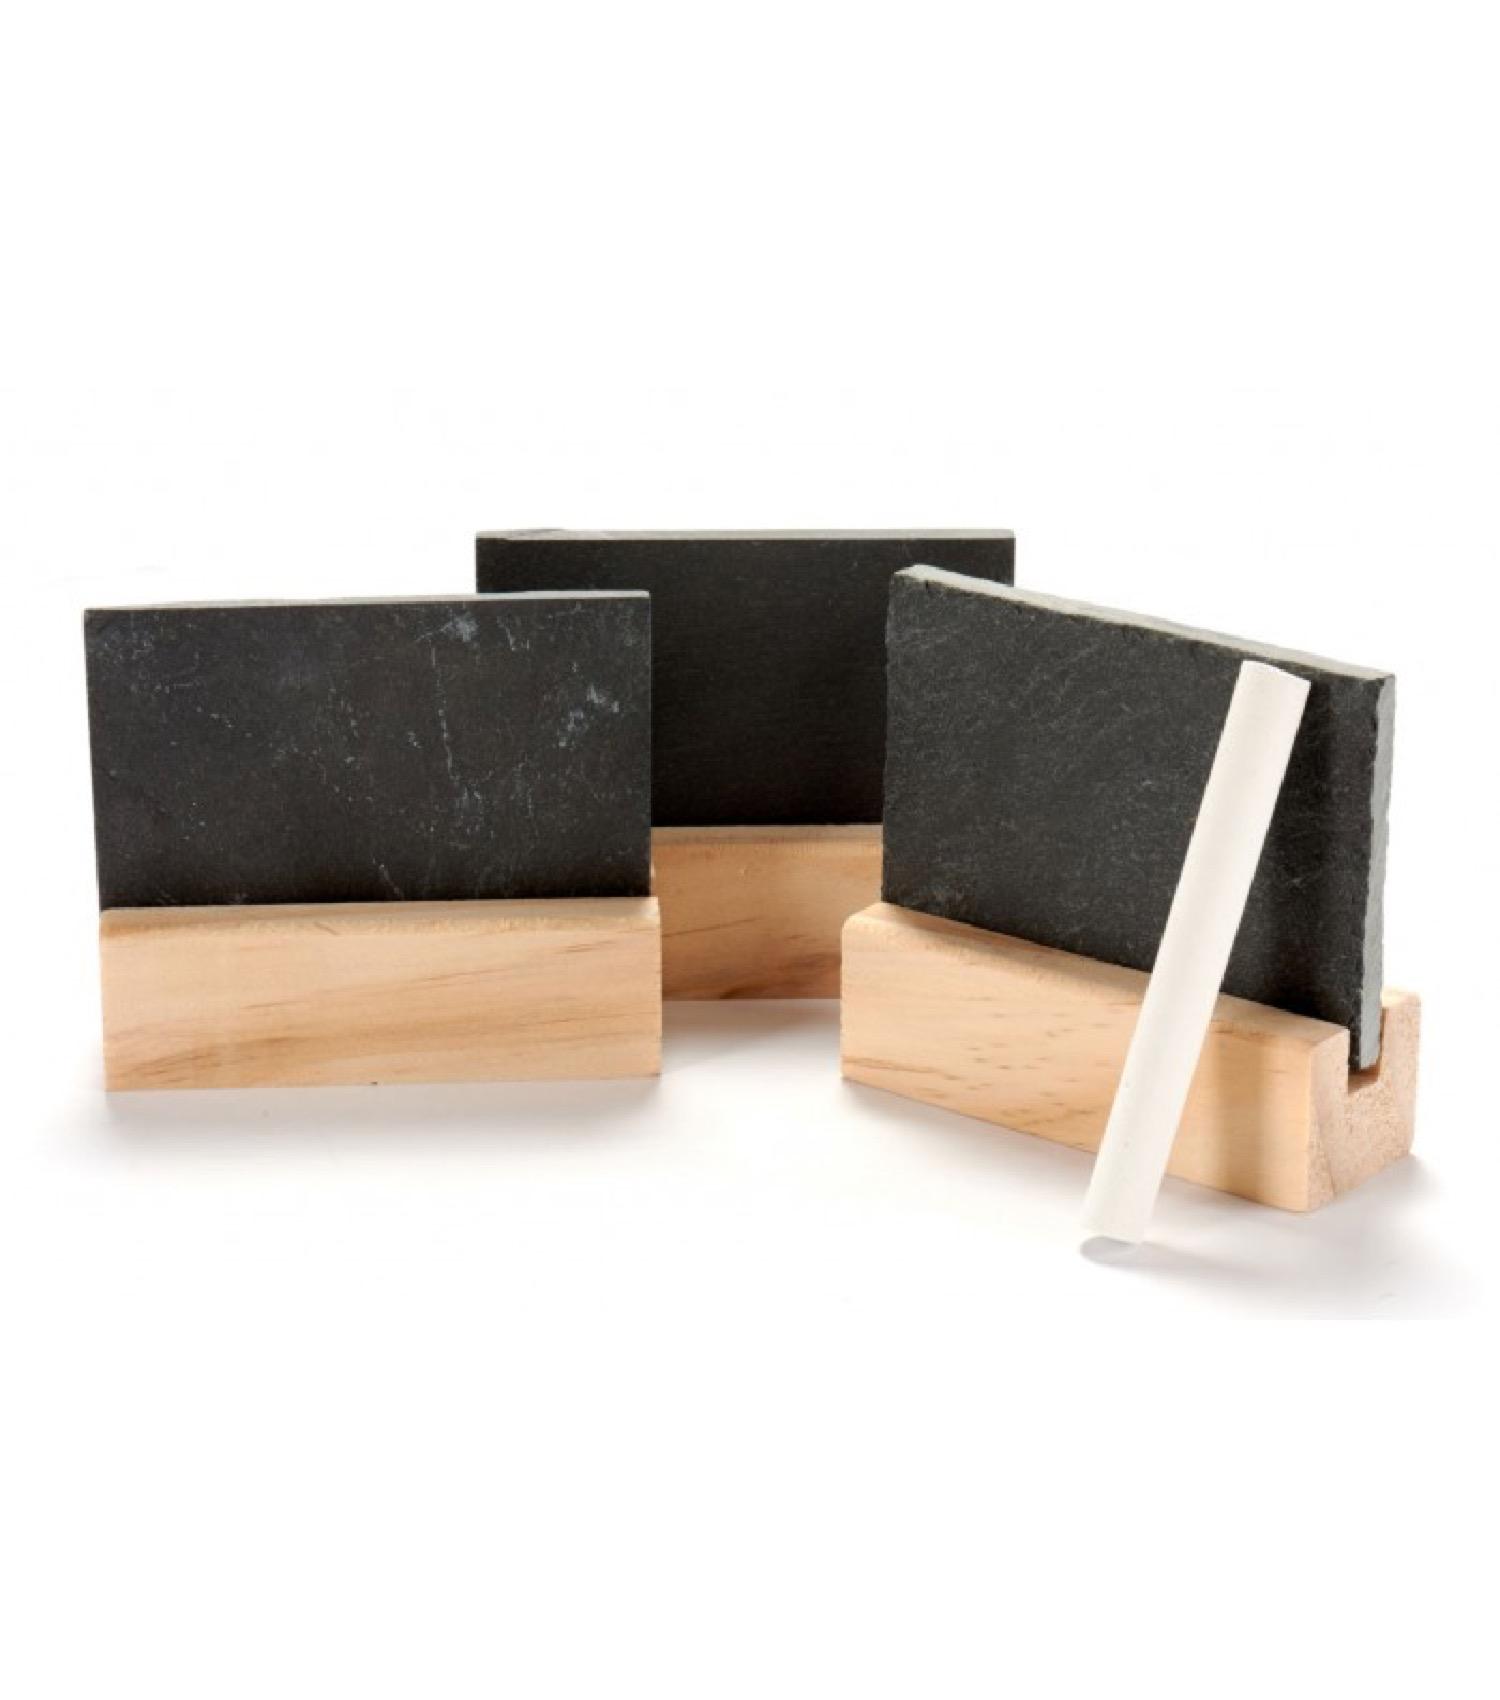 Set de 3 ardoises de table avec support en bois + craie